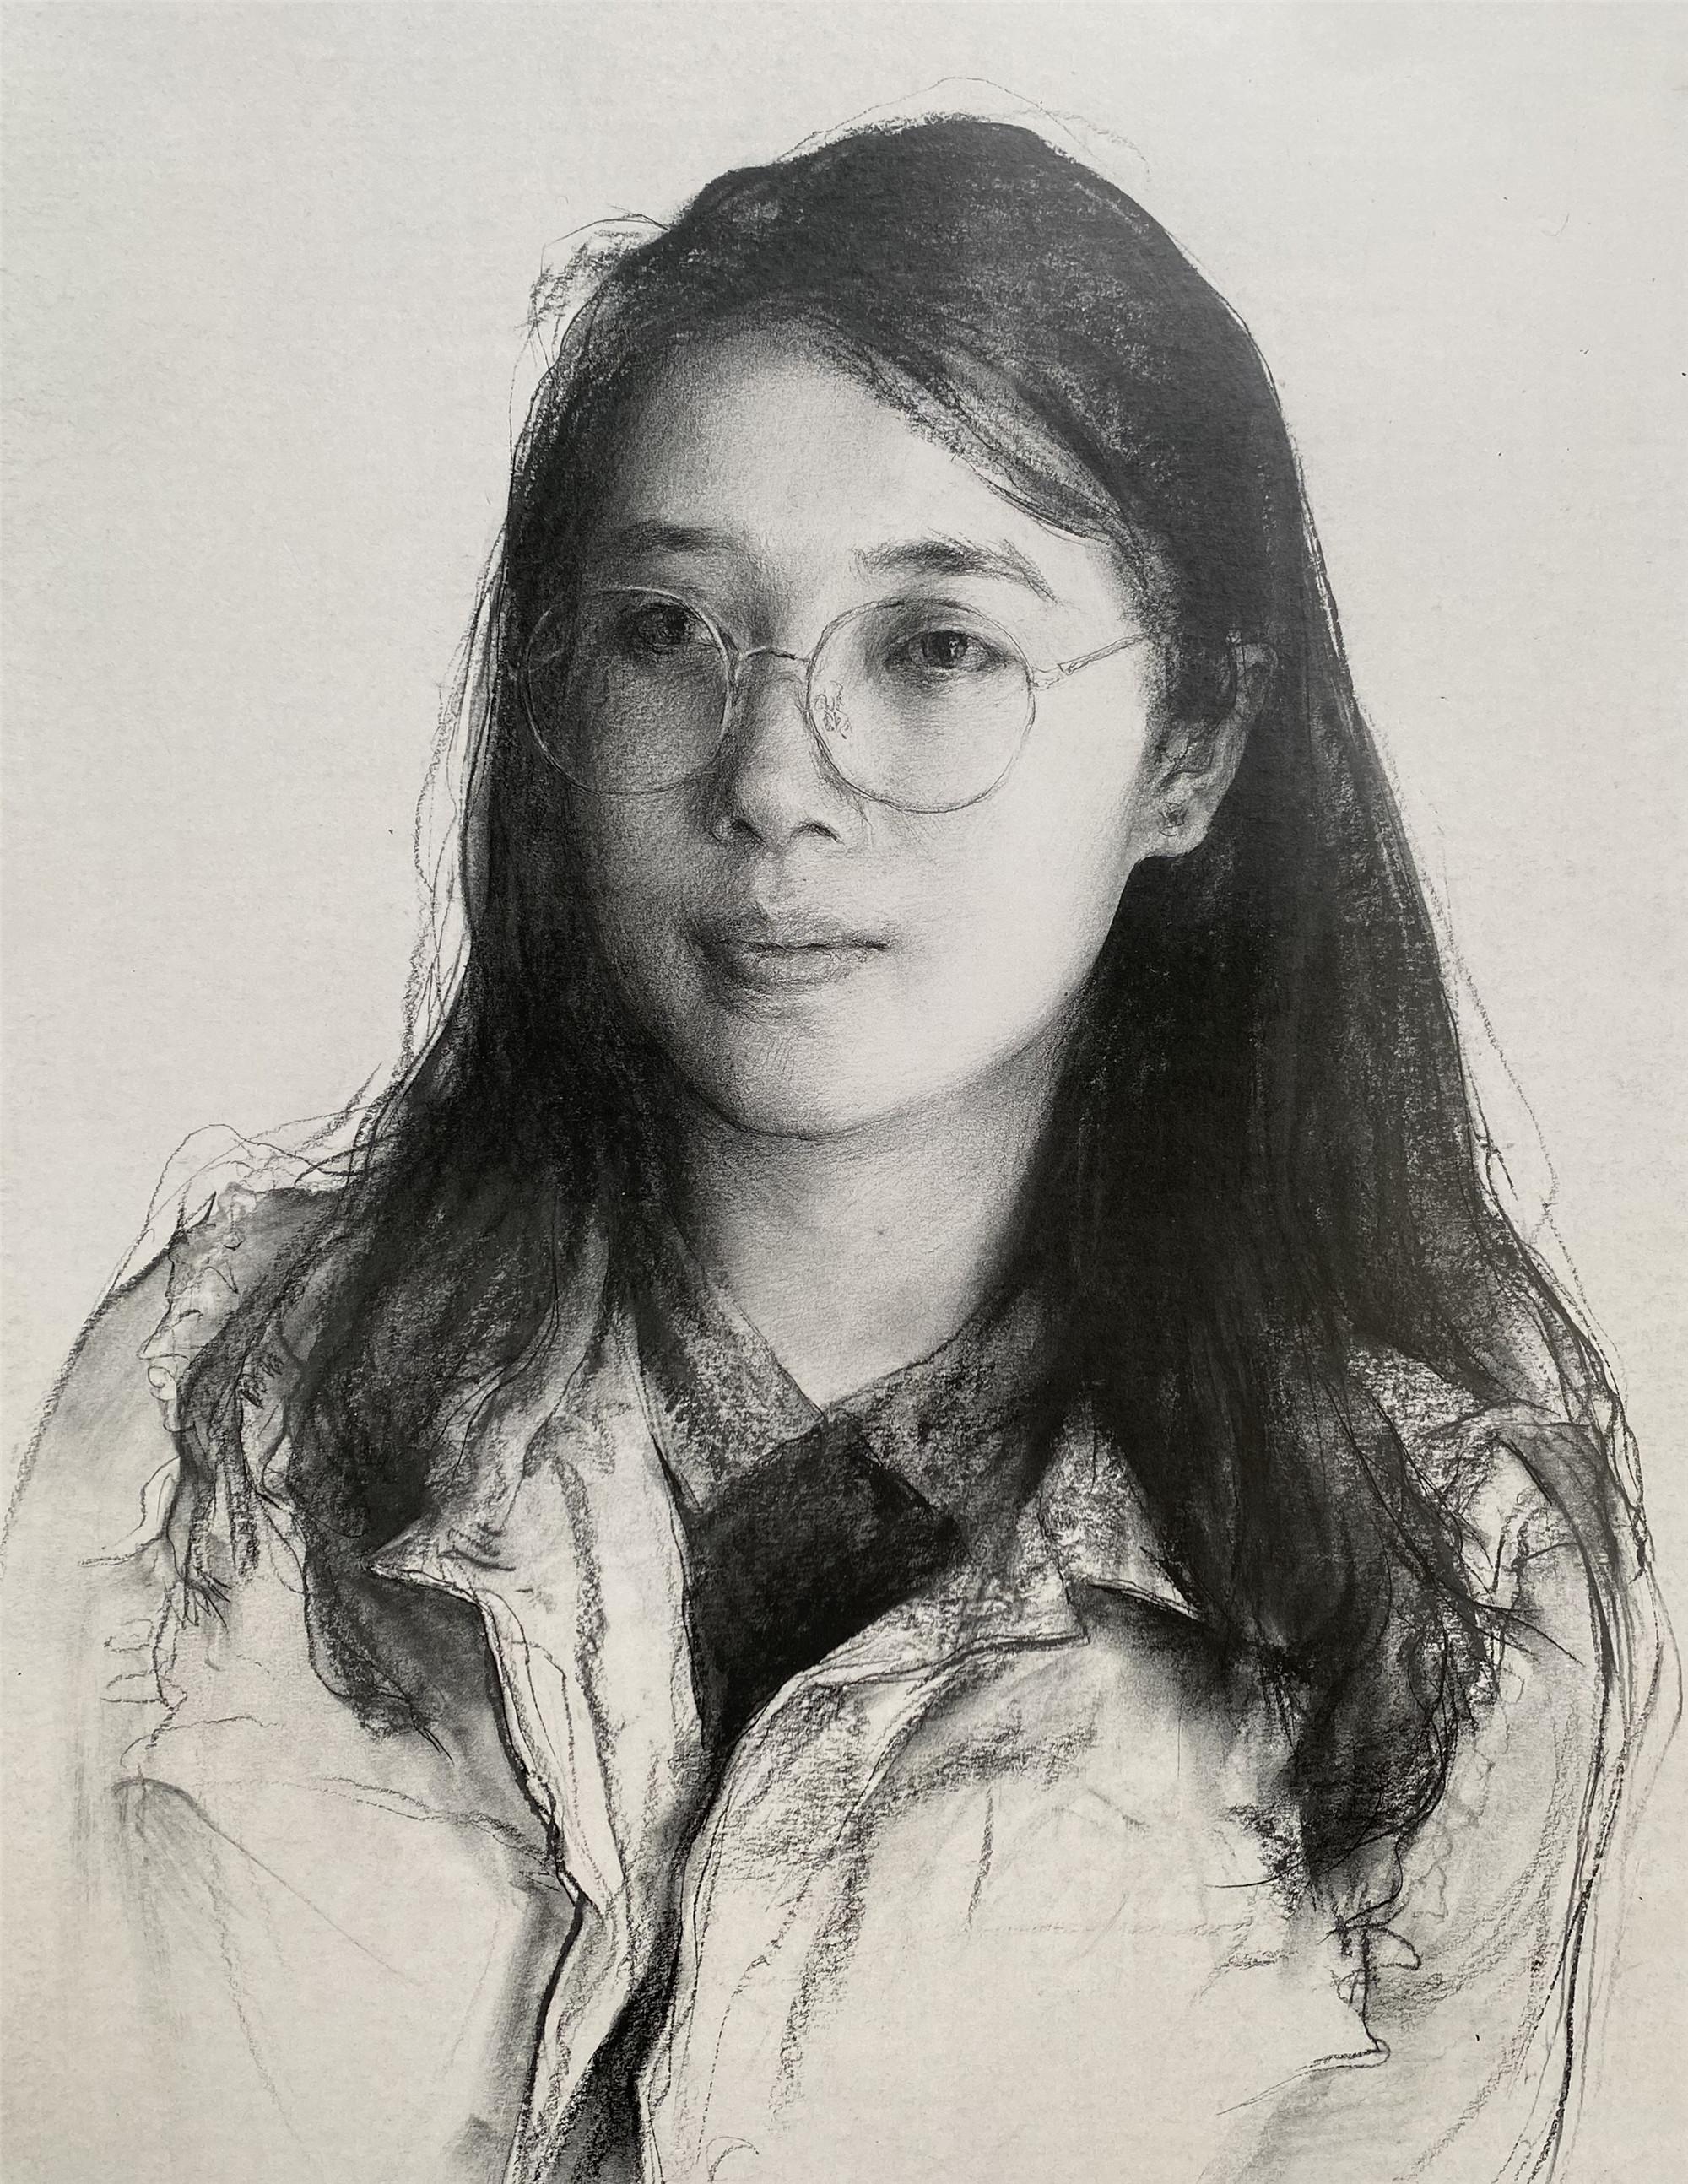 第一章:素描人像普及课  第五节:人物肖像中画面黑白灰关系的学习(选修作业)